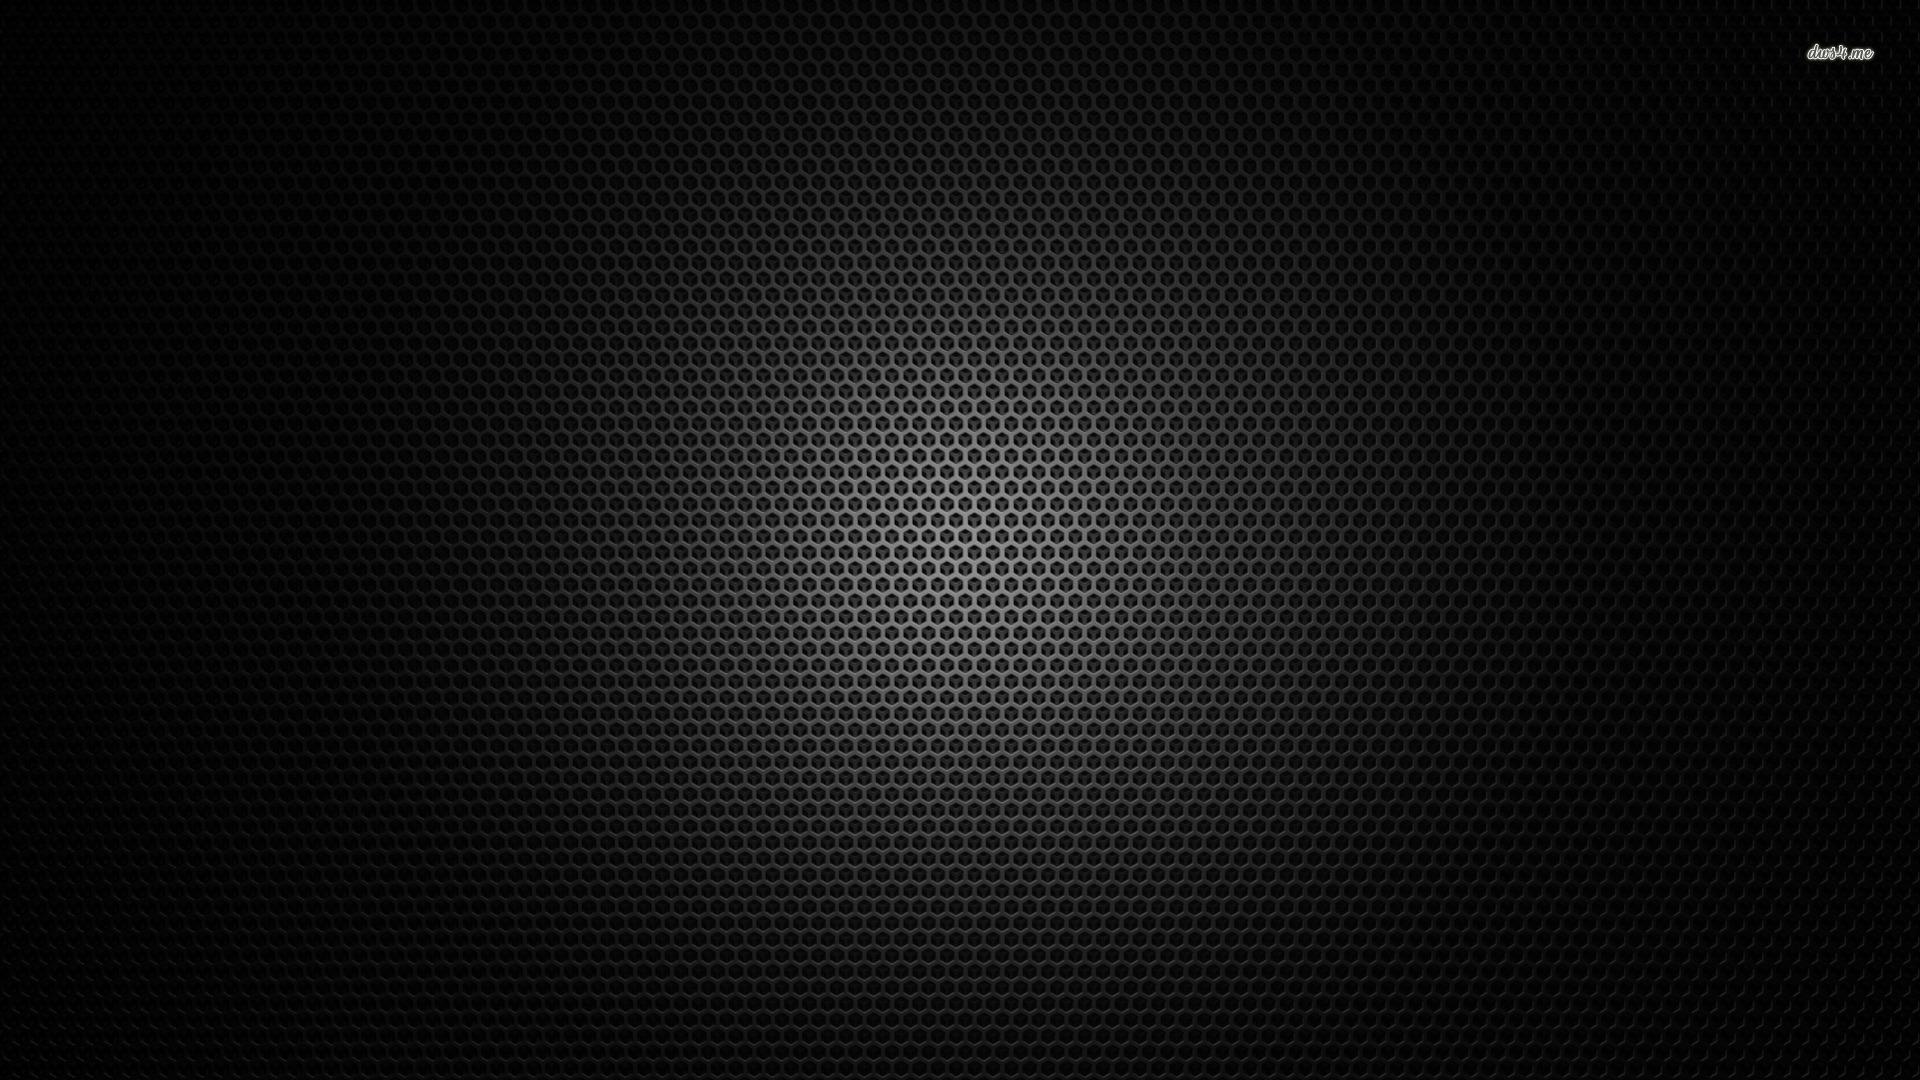 ... Carbon fiber wallpaper 1920x1080 ...